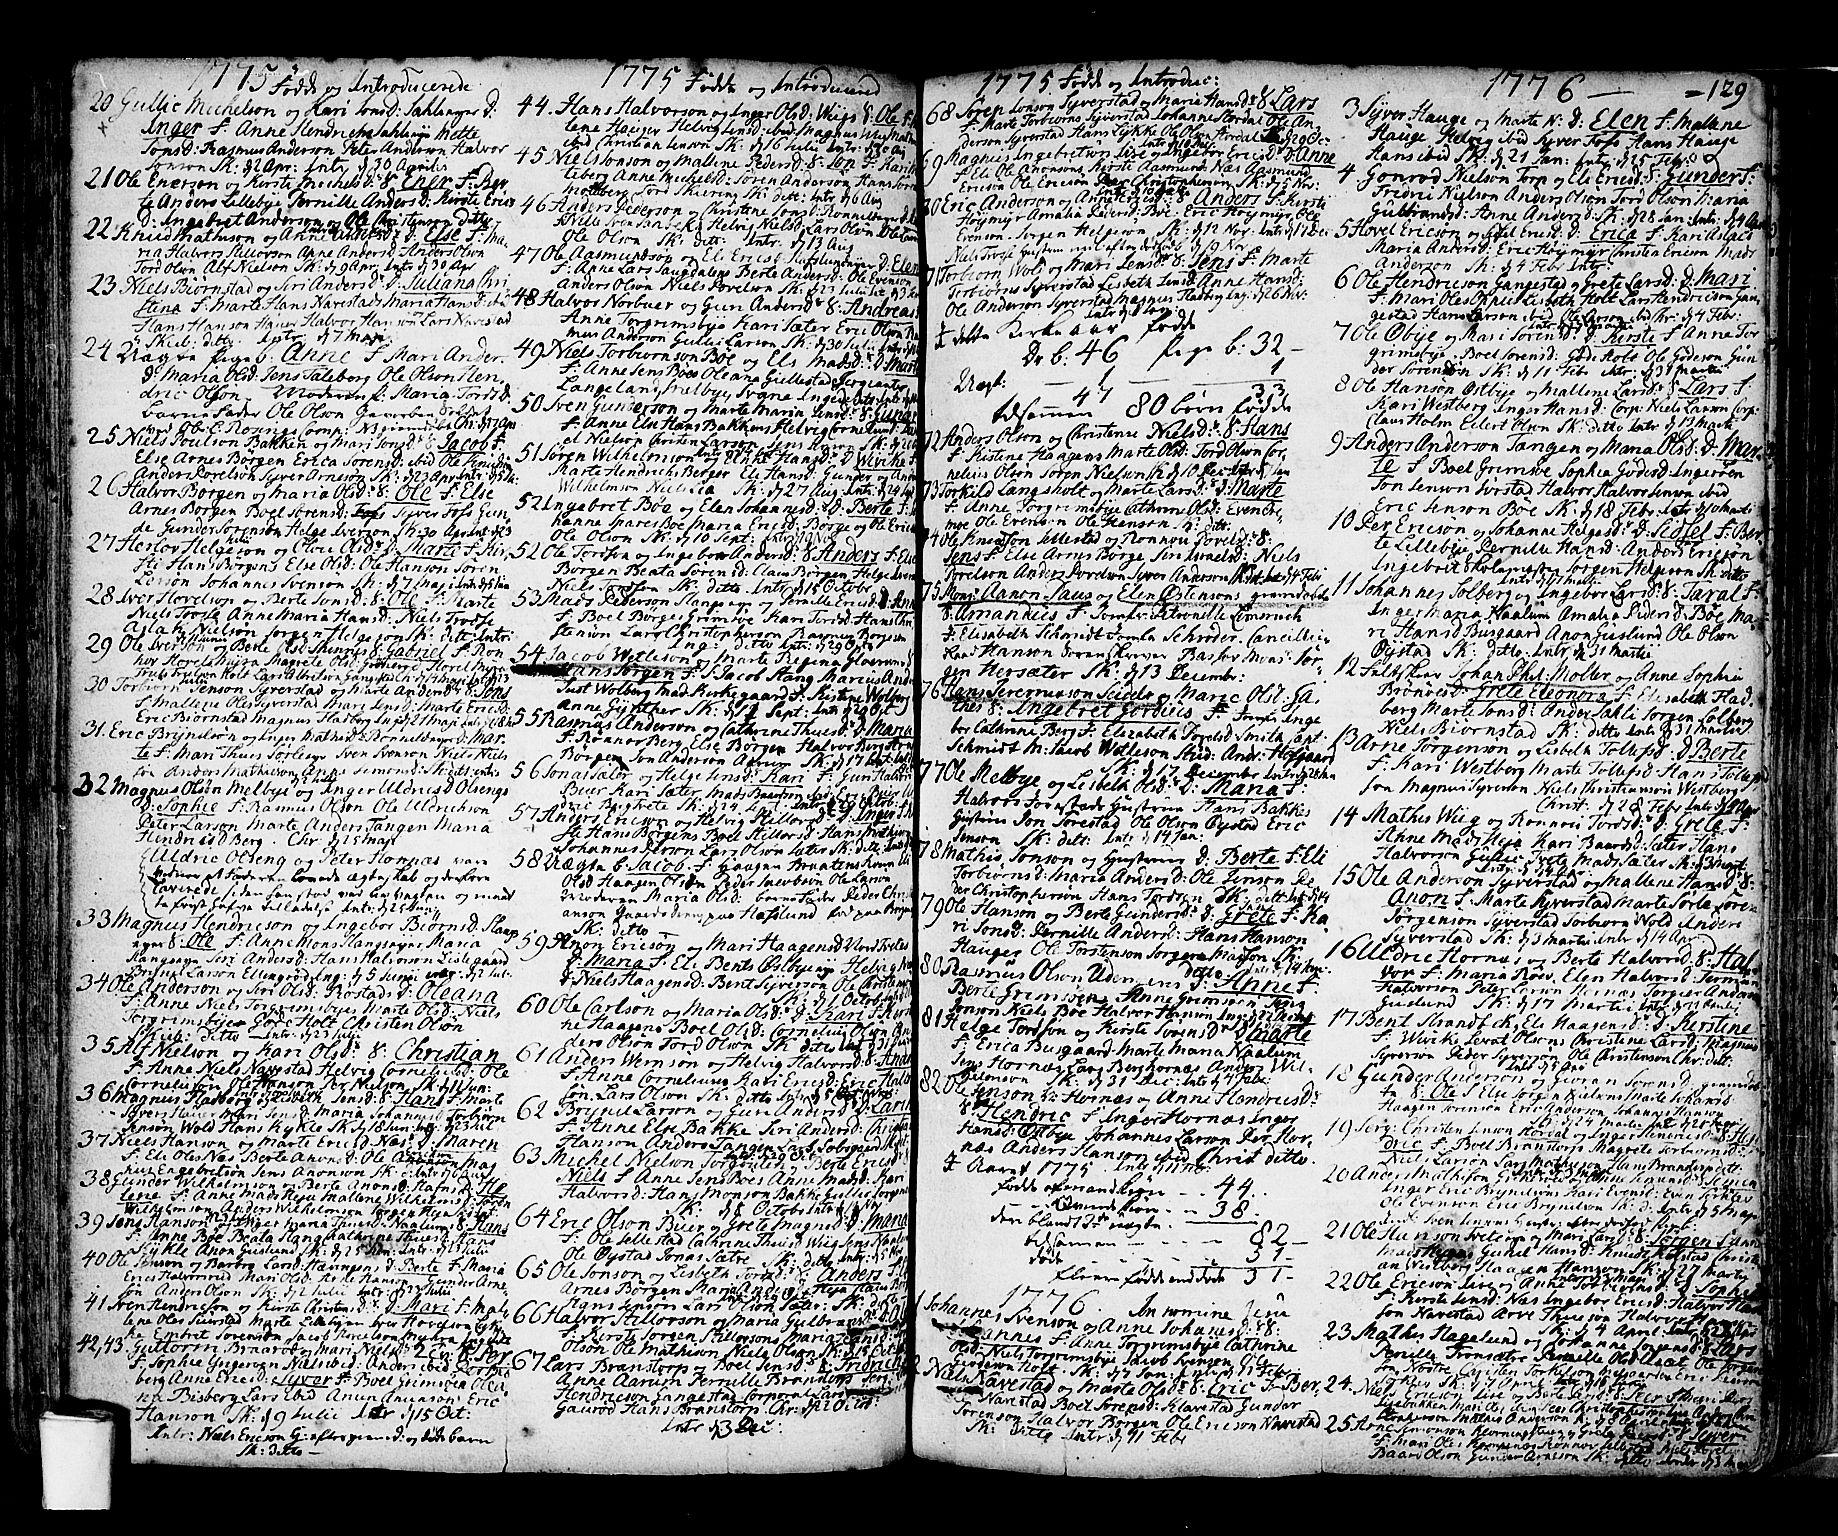 SAO, Skjeberg prestekontor Kirkebøker, F/Fa/L0002: Ministerialbok nr. I 2, 1726-1791, s. 129